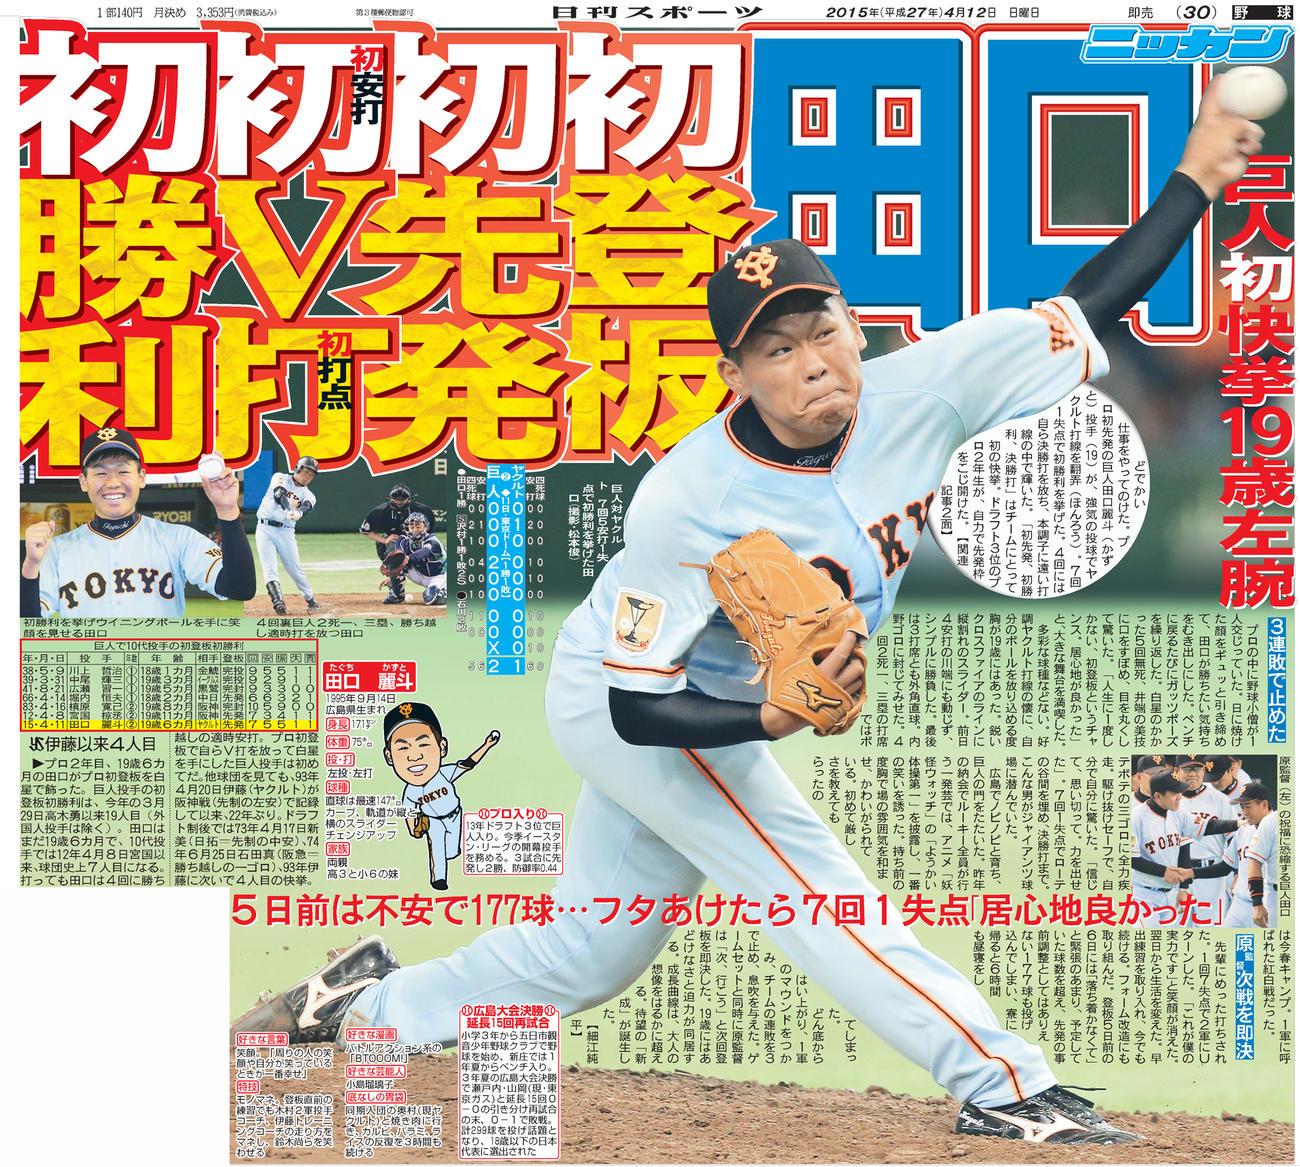 2015年4月12日付日刊スポーツ東京版